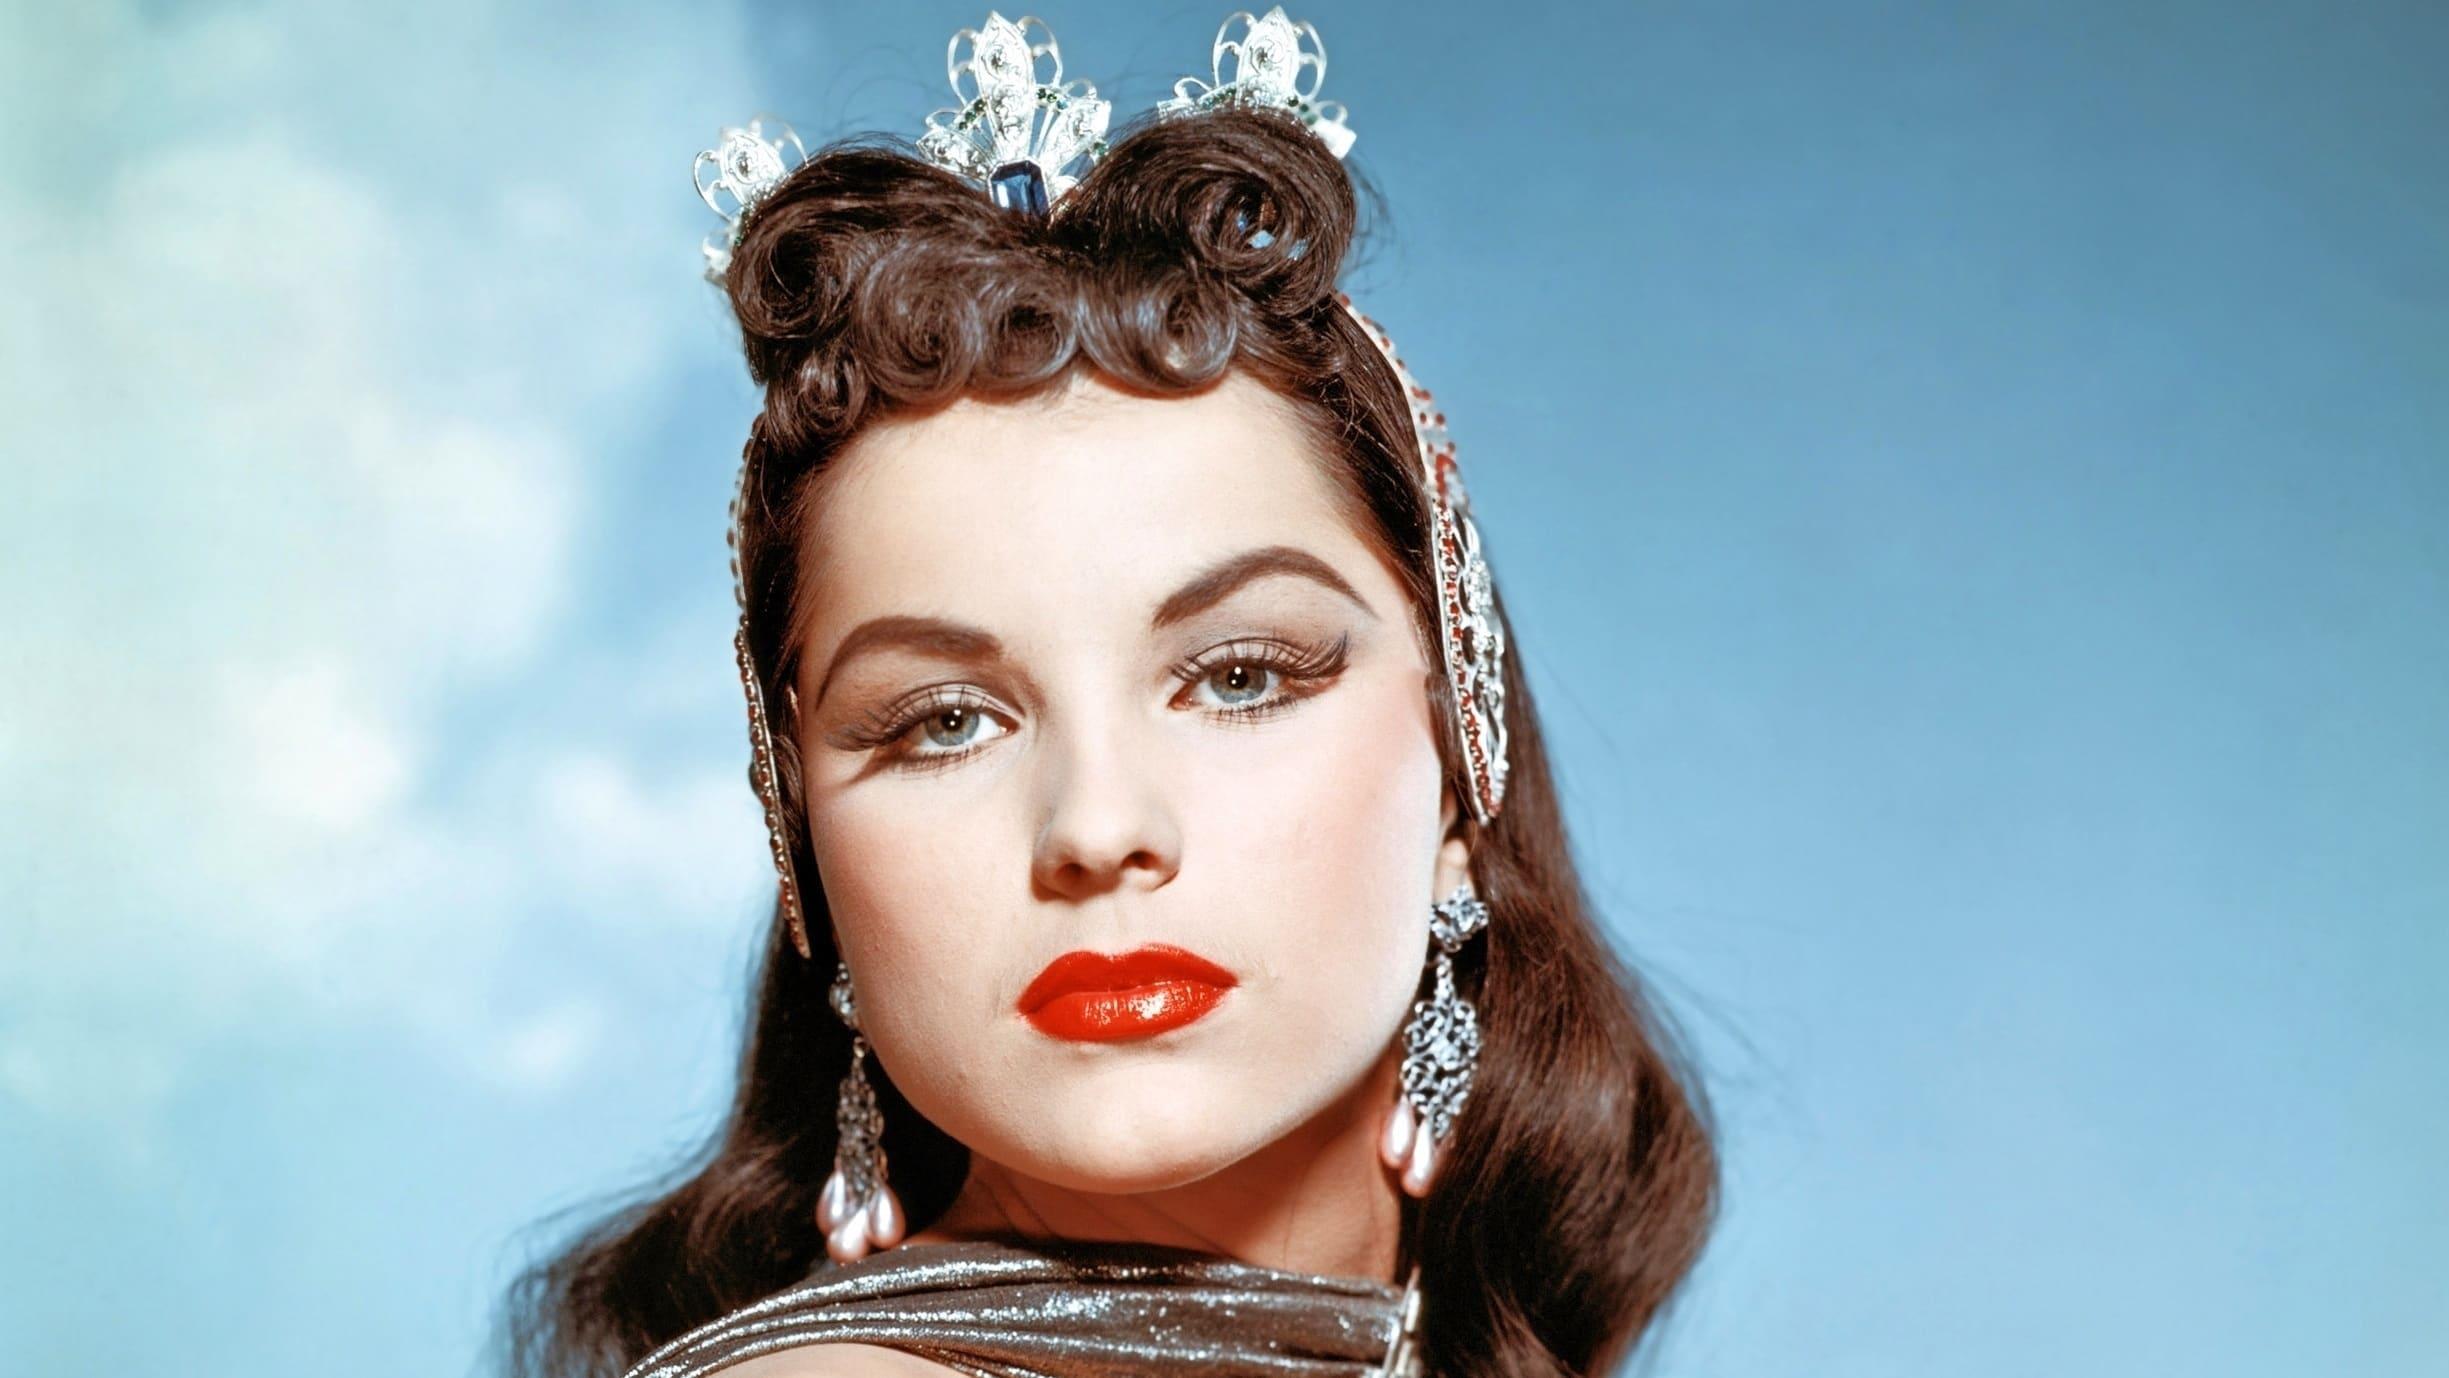 La princesa del Nilo (1954)